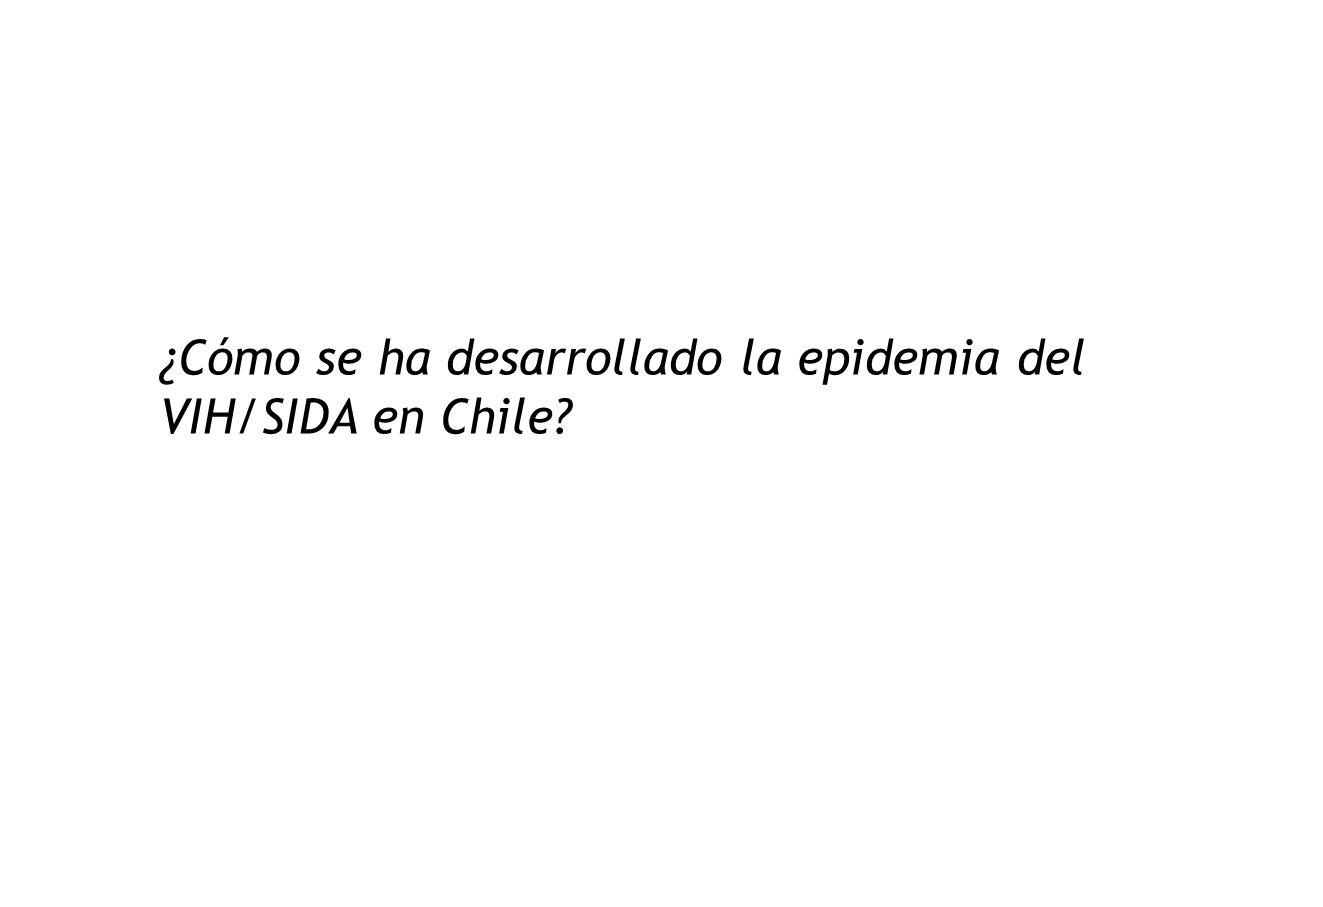 ¿Cómo se ha desarrollado la epidemia del VIH/SIDA en Chile?